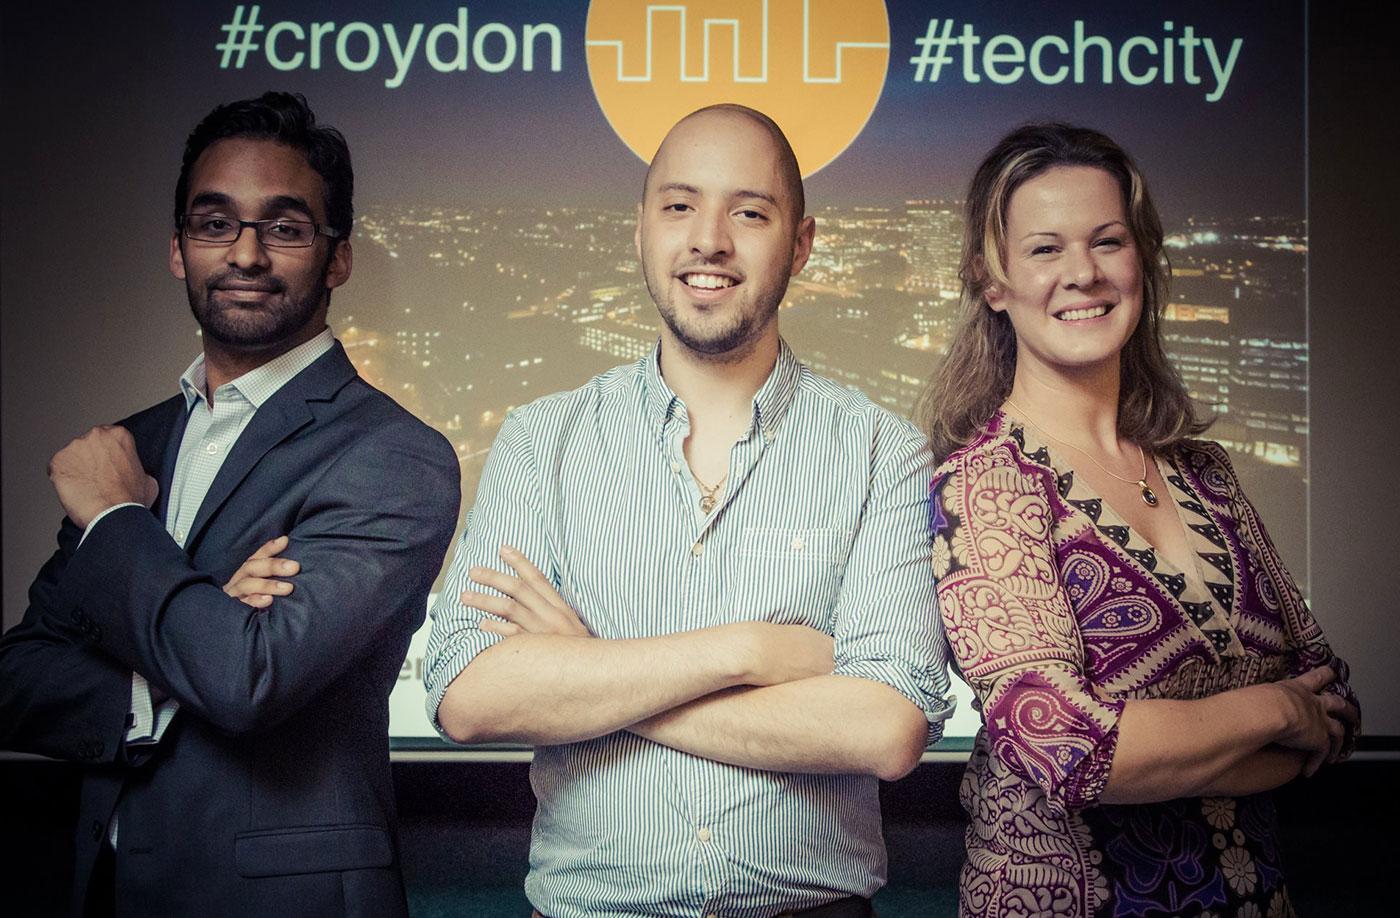 Croydon Tech City founders